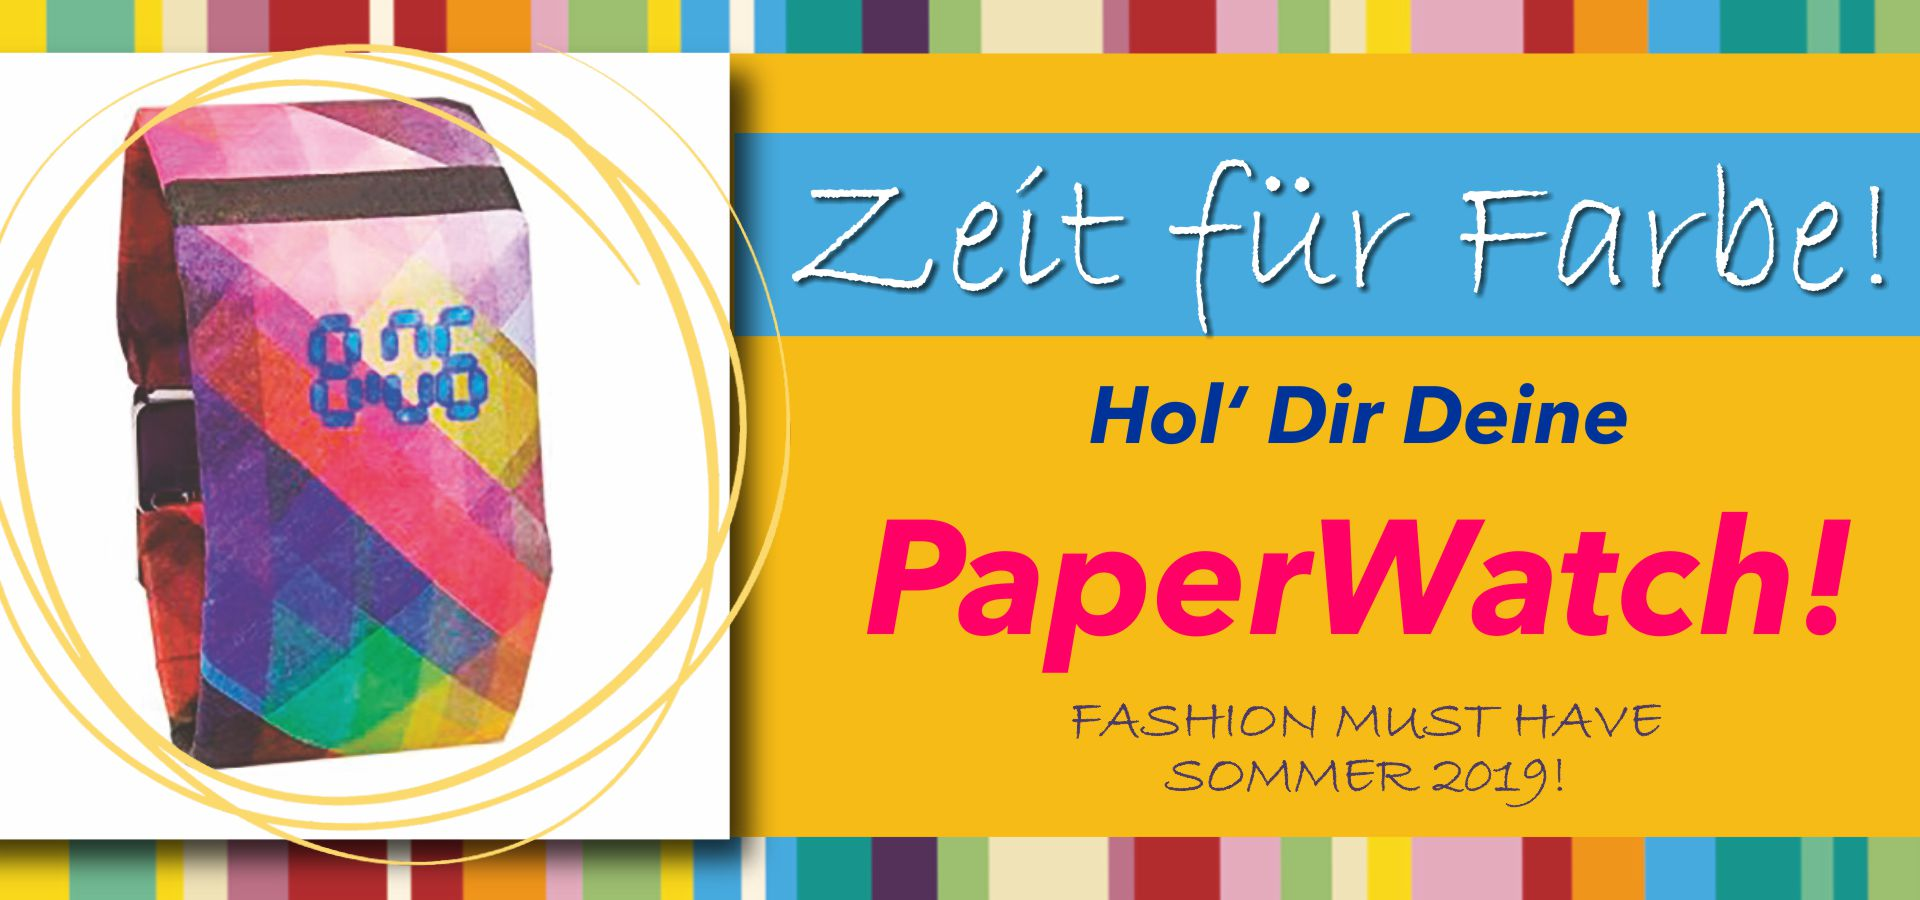 paperwatch_zeit_fuer_farbe